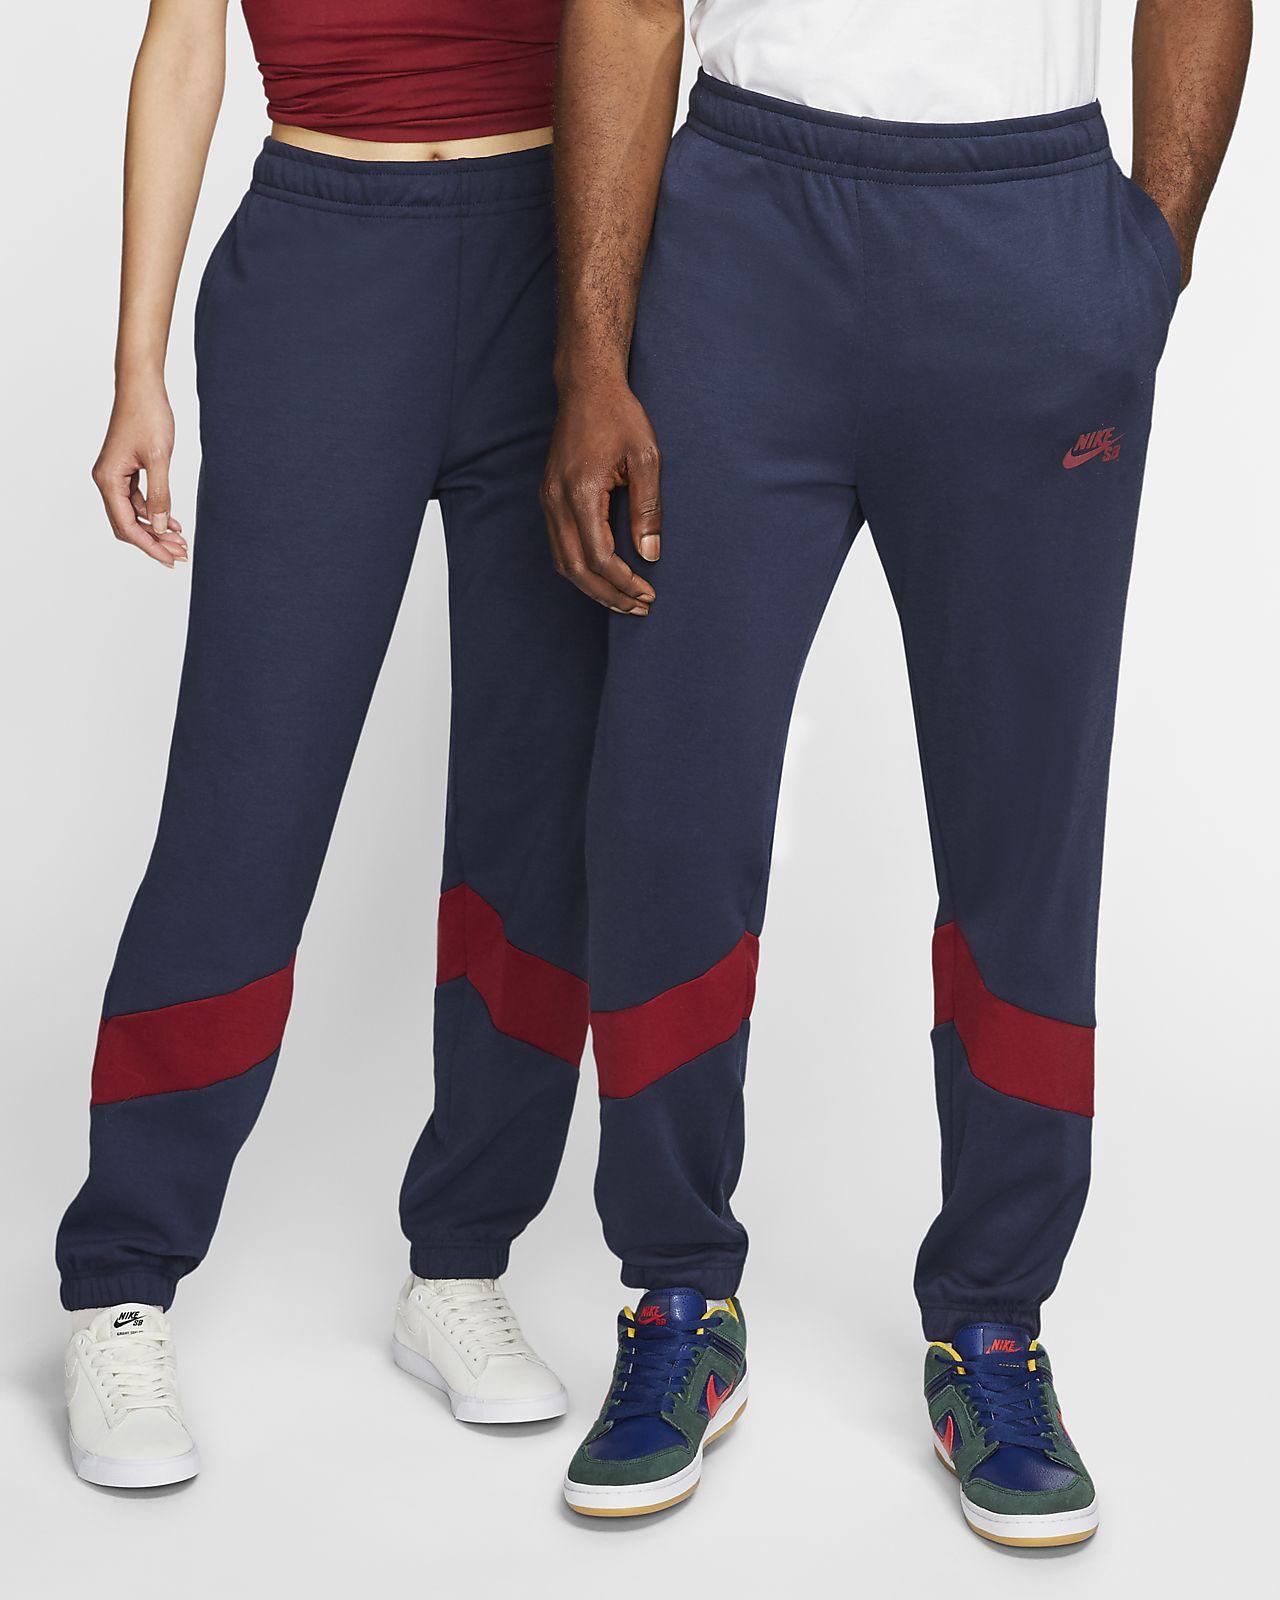 Spodnie dresowe do skateboardingu Nike SB Dri-FIT Icon